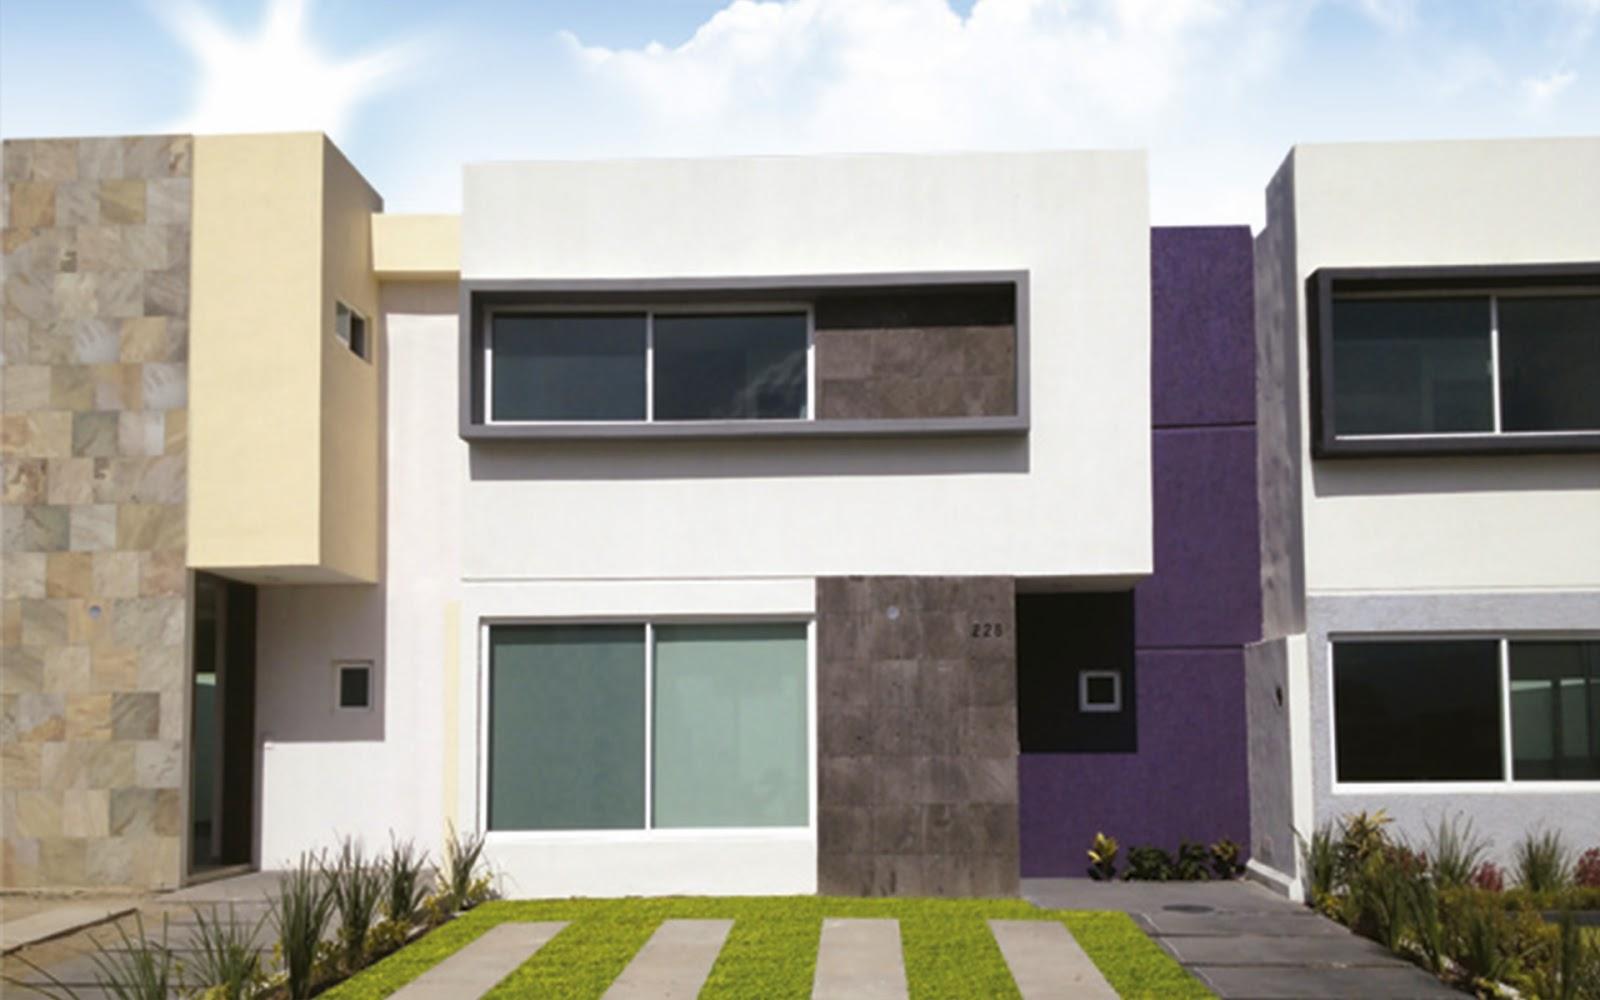 Fachadas de casas adosadas dise os arquitect nicos for Fachadas duplex minimalistas